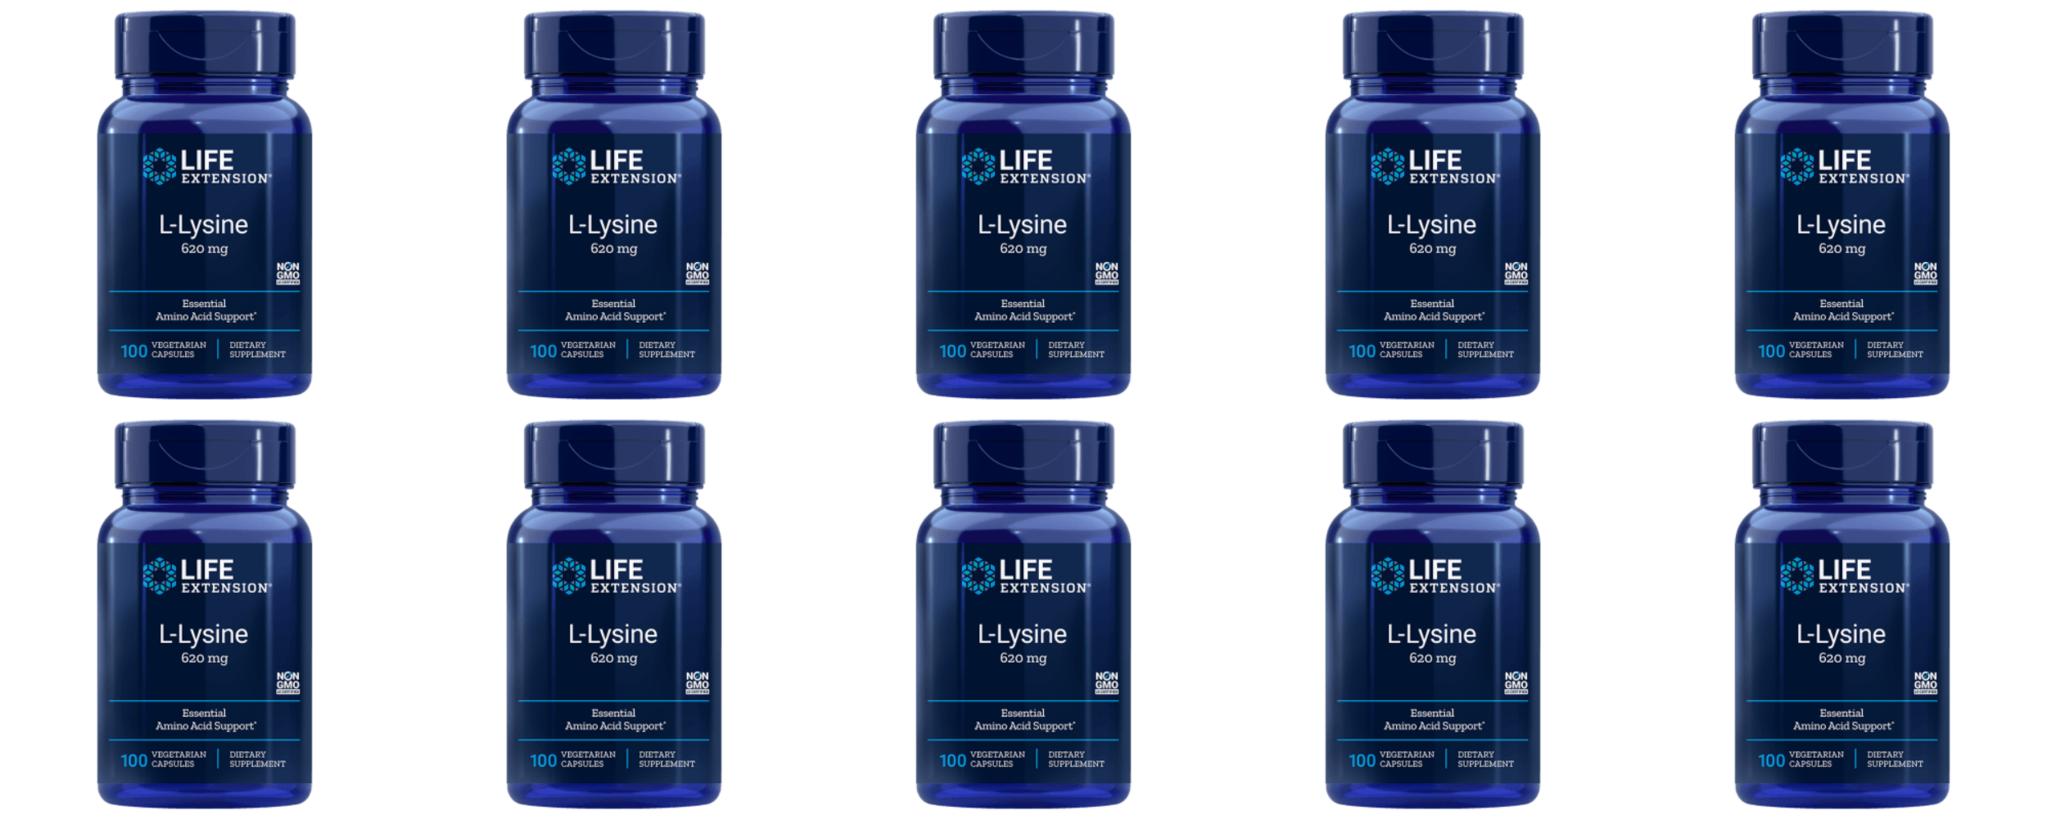 Life Extension L-Lysine, 620 Mg 100 Vegetarian Capsules, 10-pack